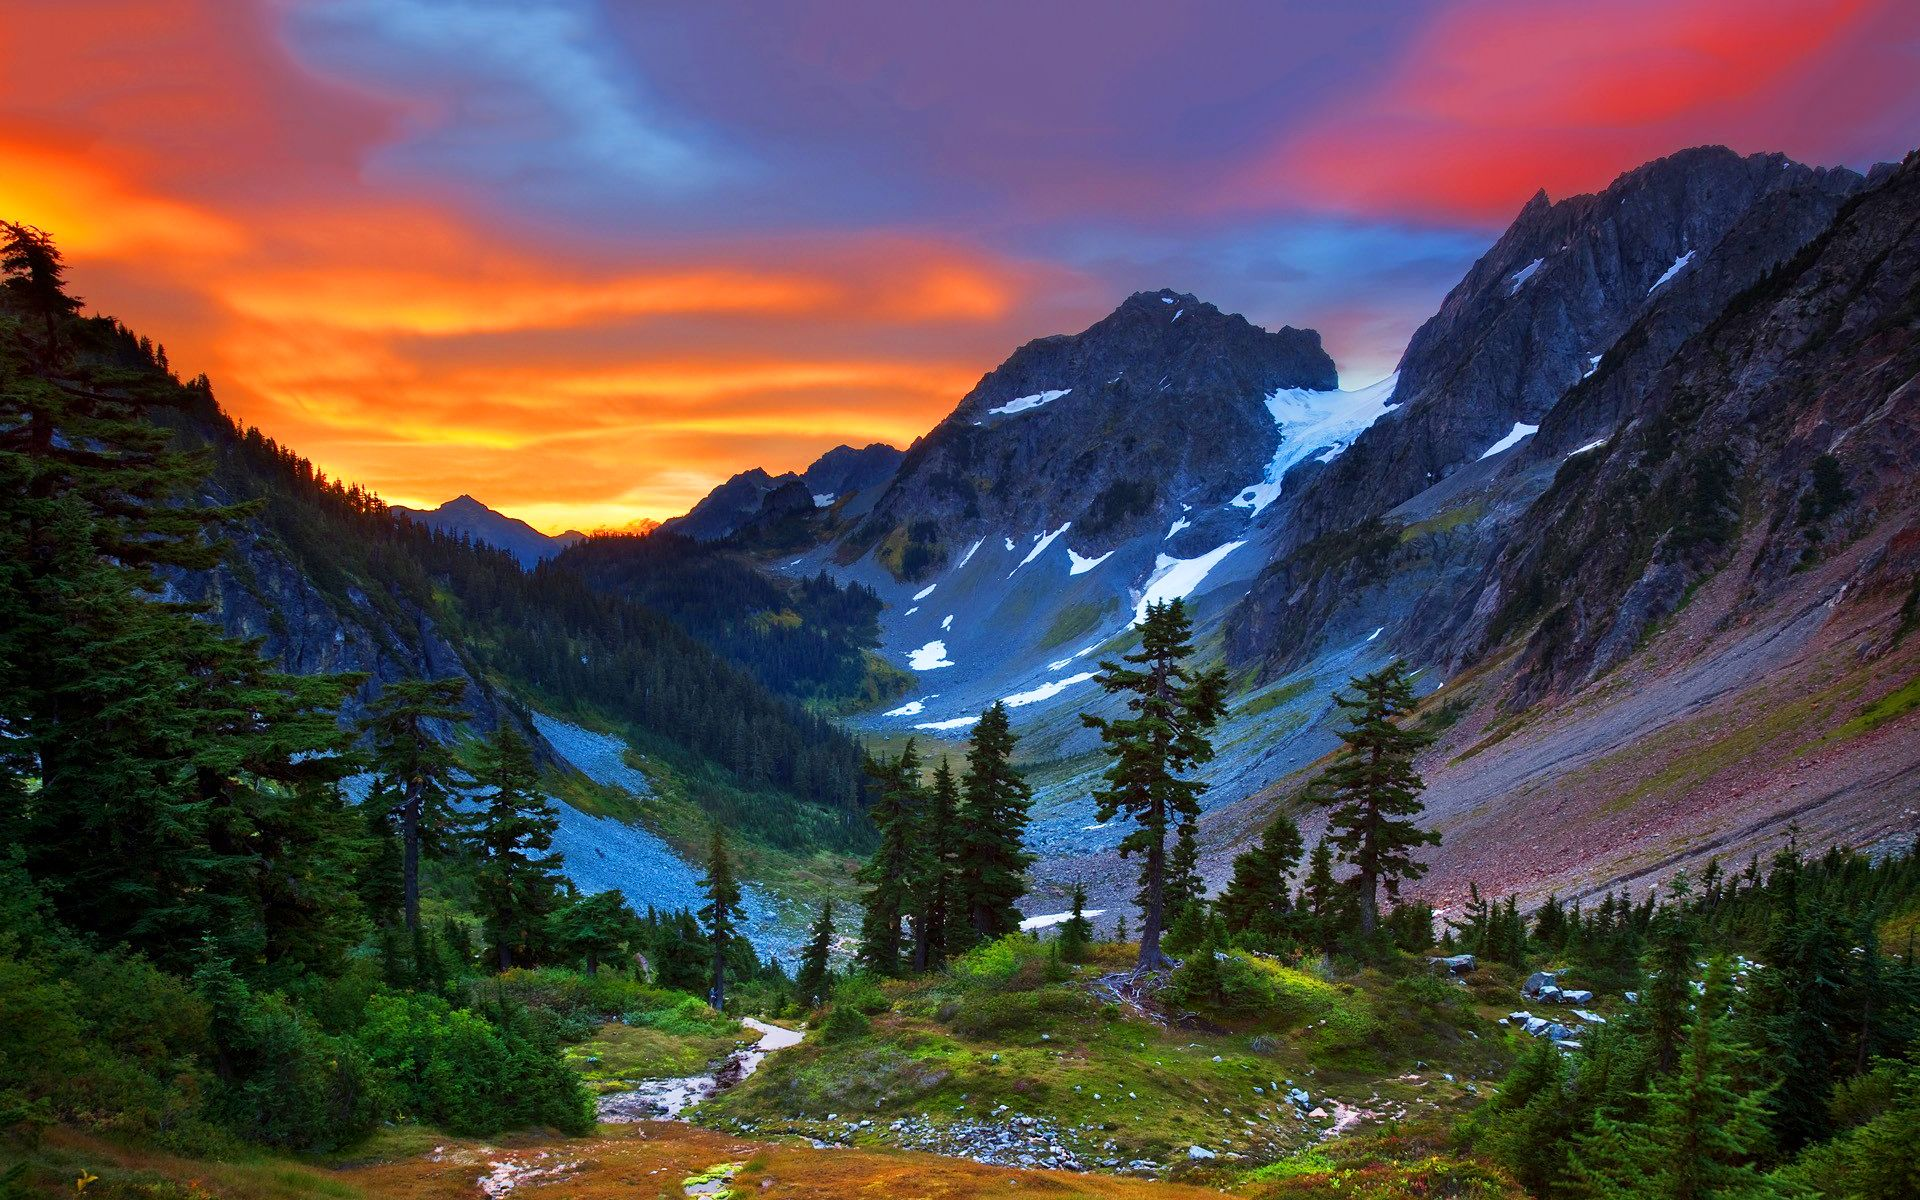 Desktop Wallpapers Hd  Art  Pinterest  Mountain Sunset